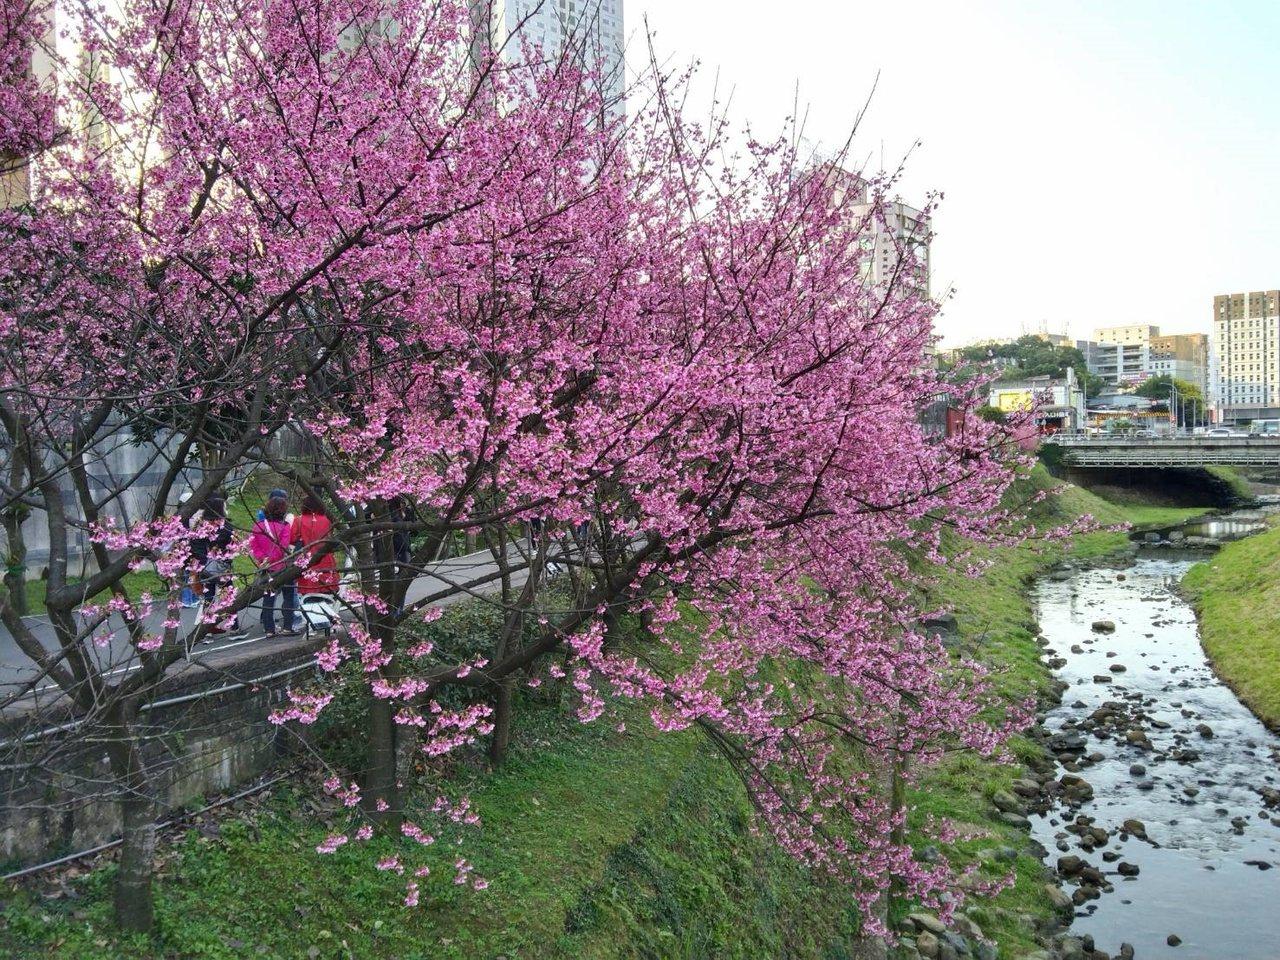 新北市汐止區康誥坑溪兩岸櫻花盛開,水岸花影非常美麗。 圖/邱瑞杰 攝影